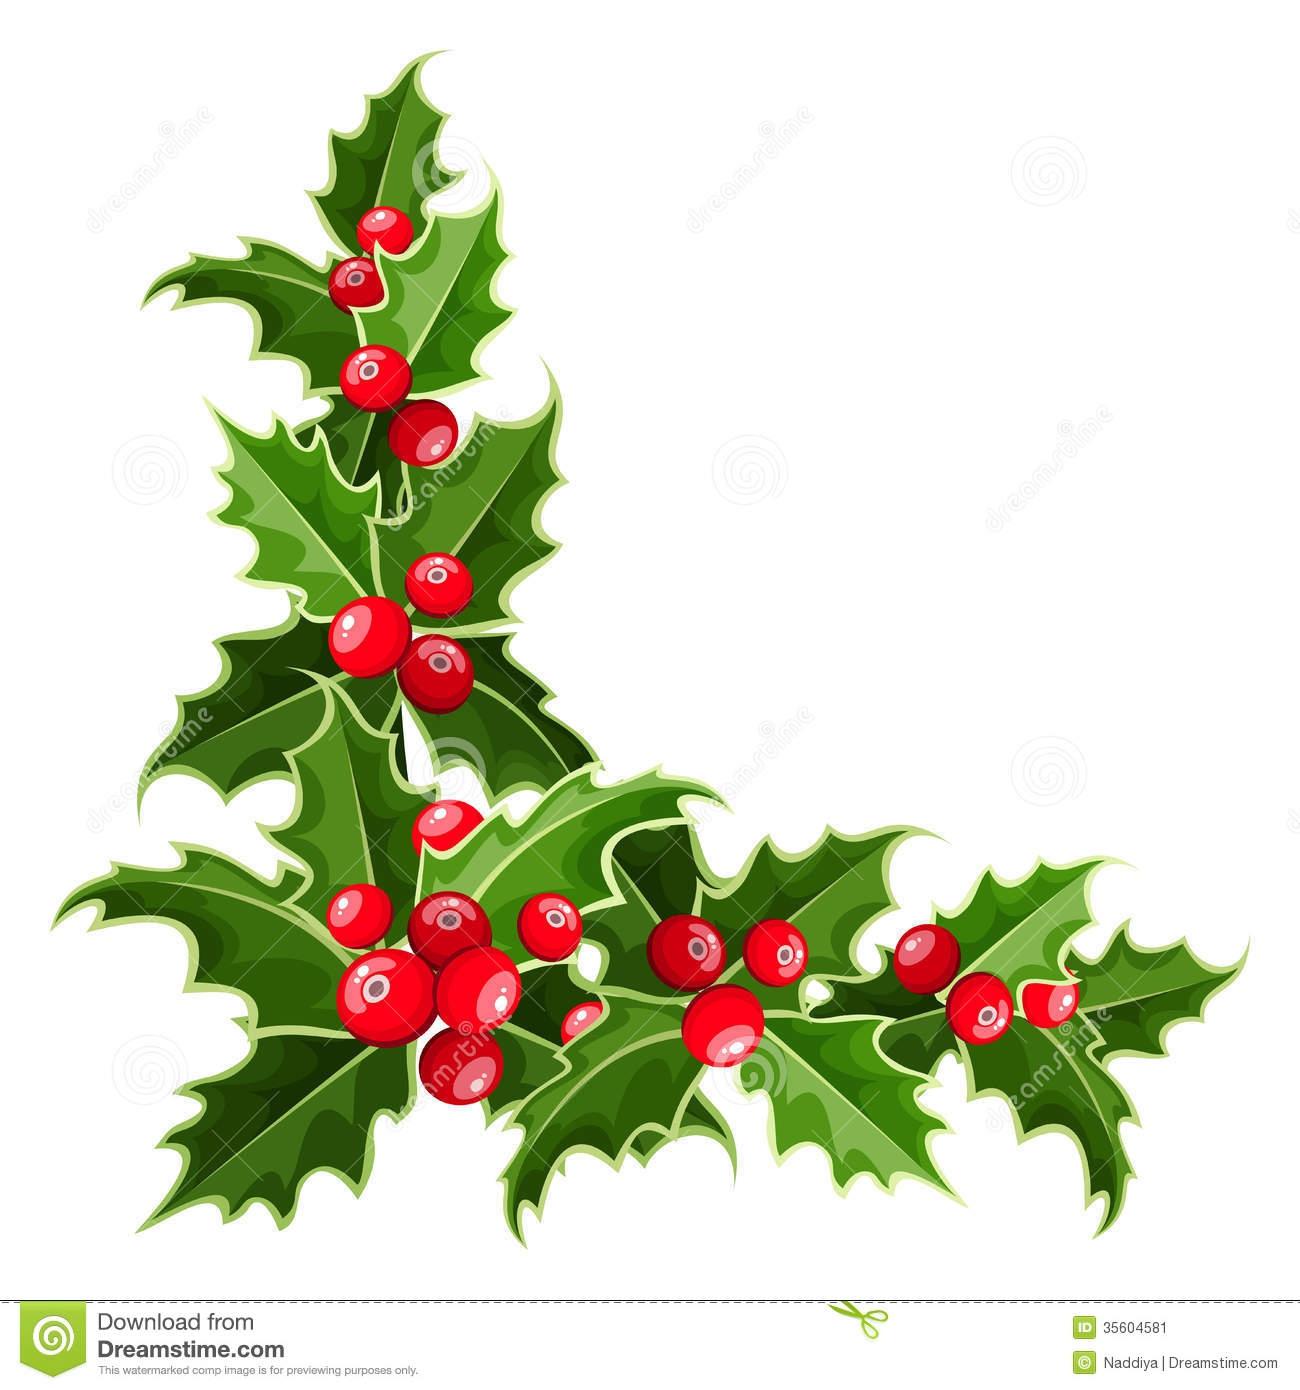 Christmas Corner Border Clipart#2070269.